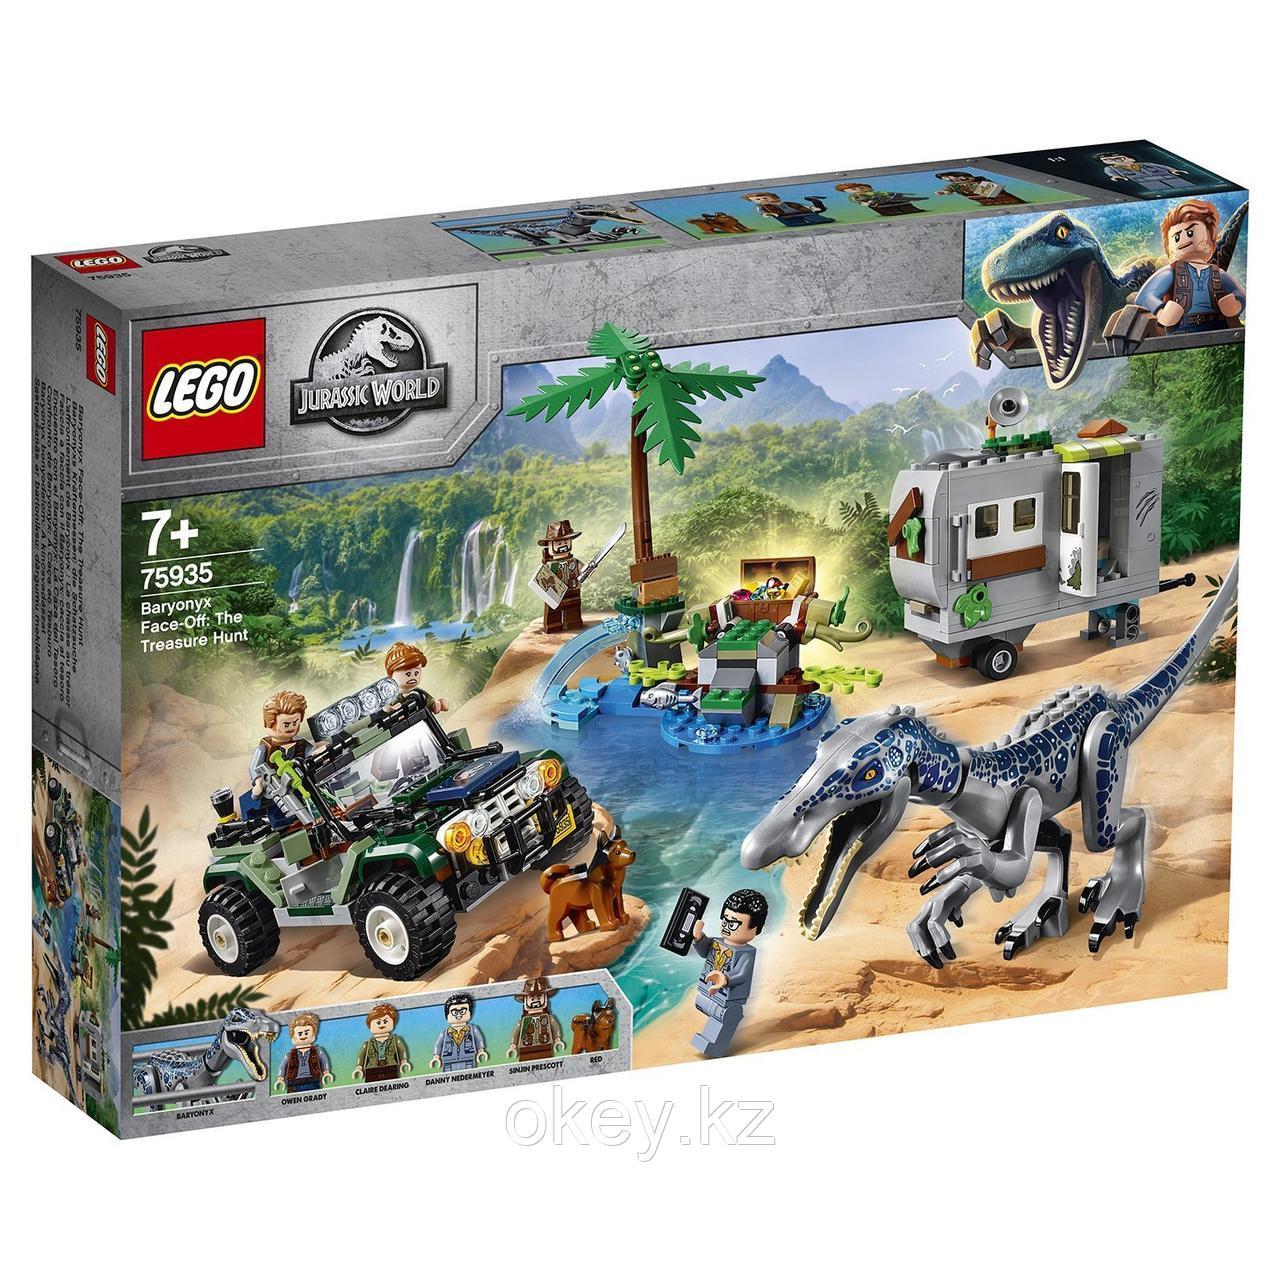 LEGO Jurassic World: Поединок с бариониксом Охота за сокровищами 75935